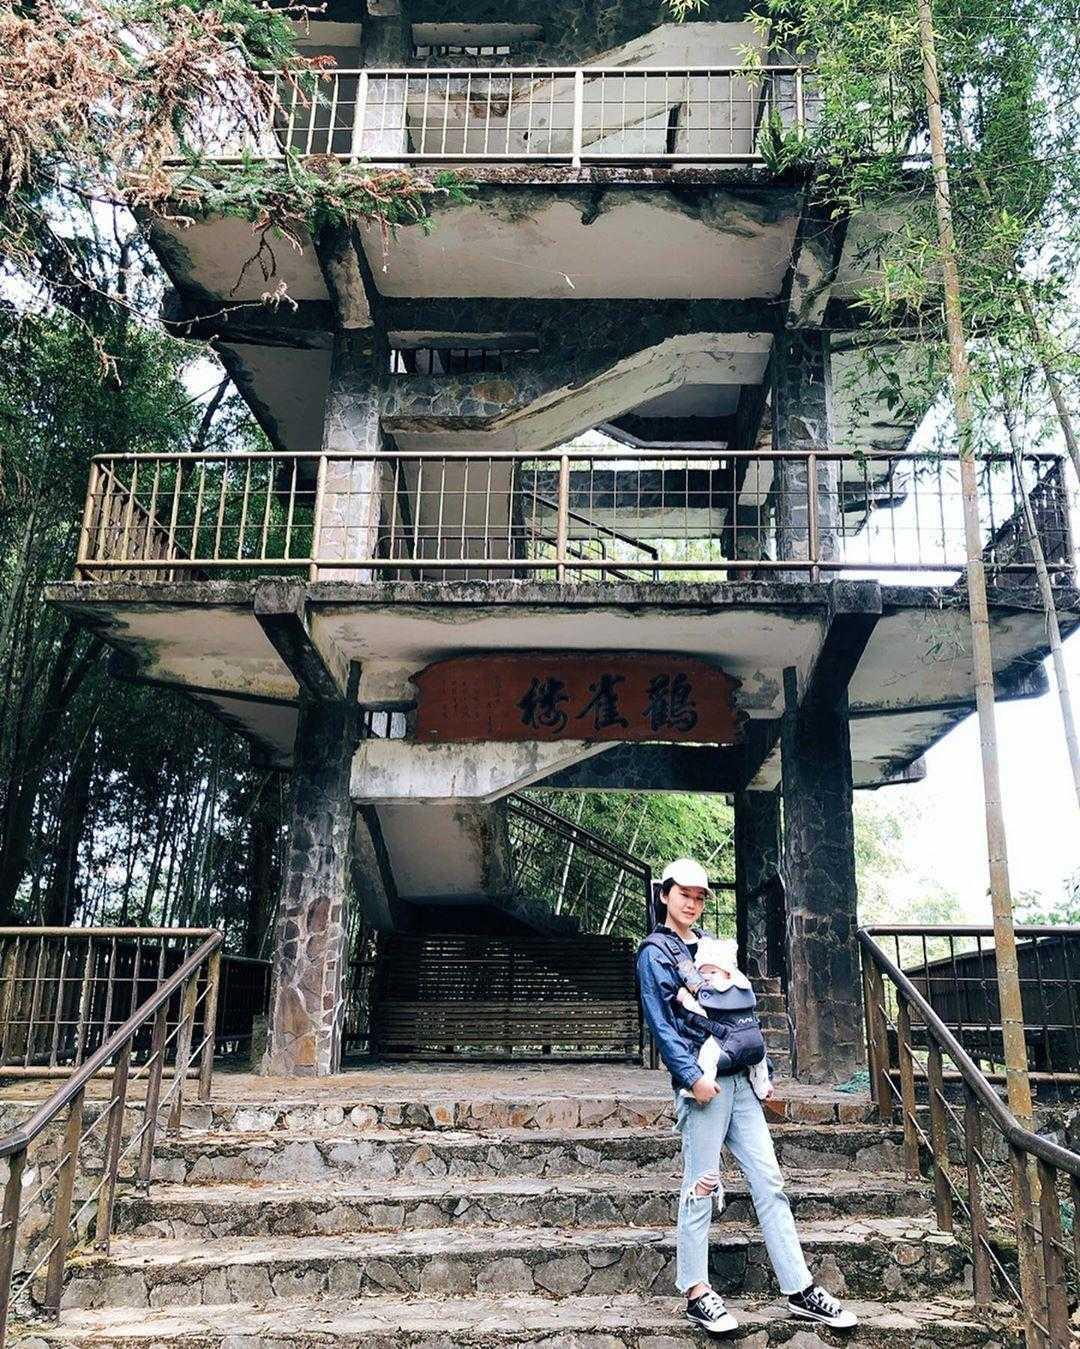 鳳凰谷鳥園生態園區 |觀雀樓